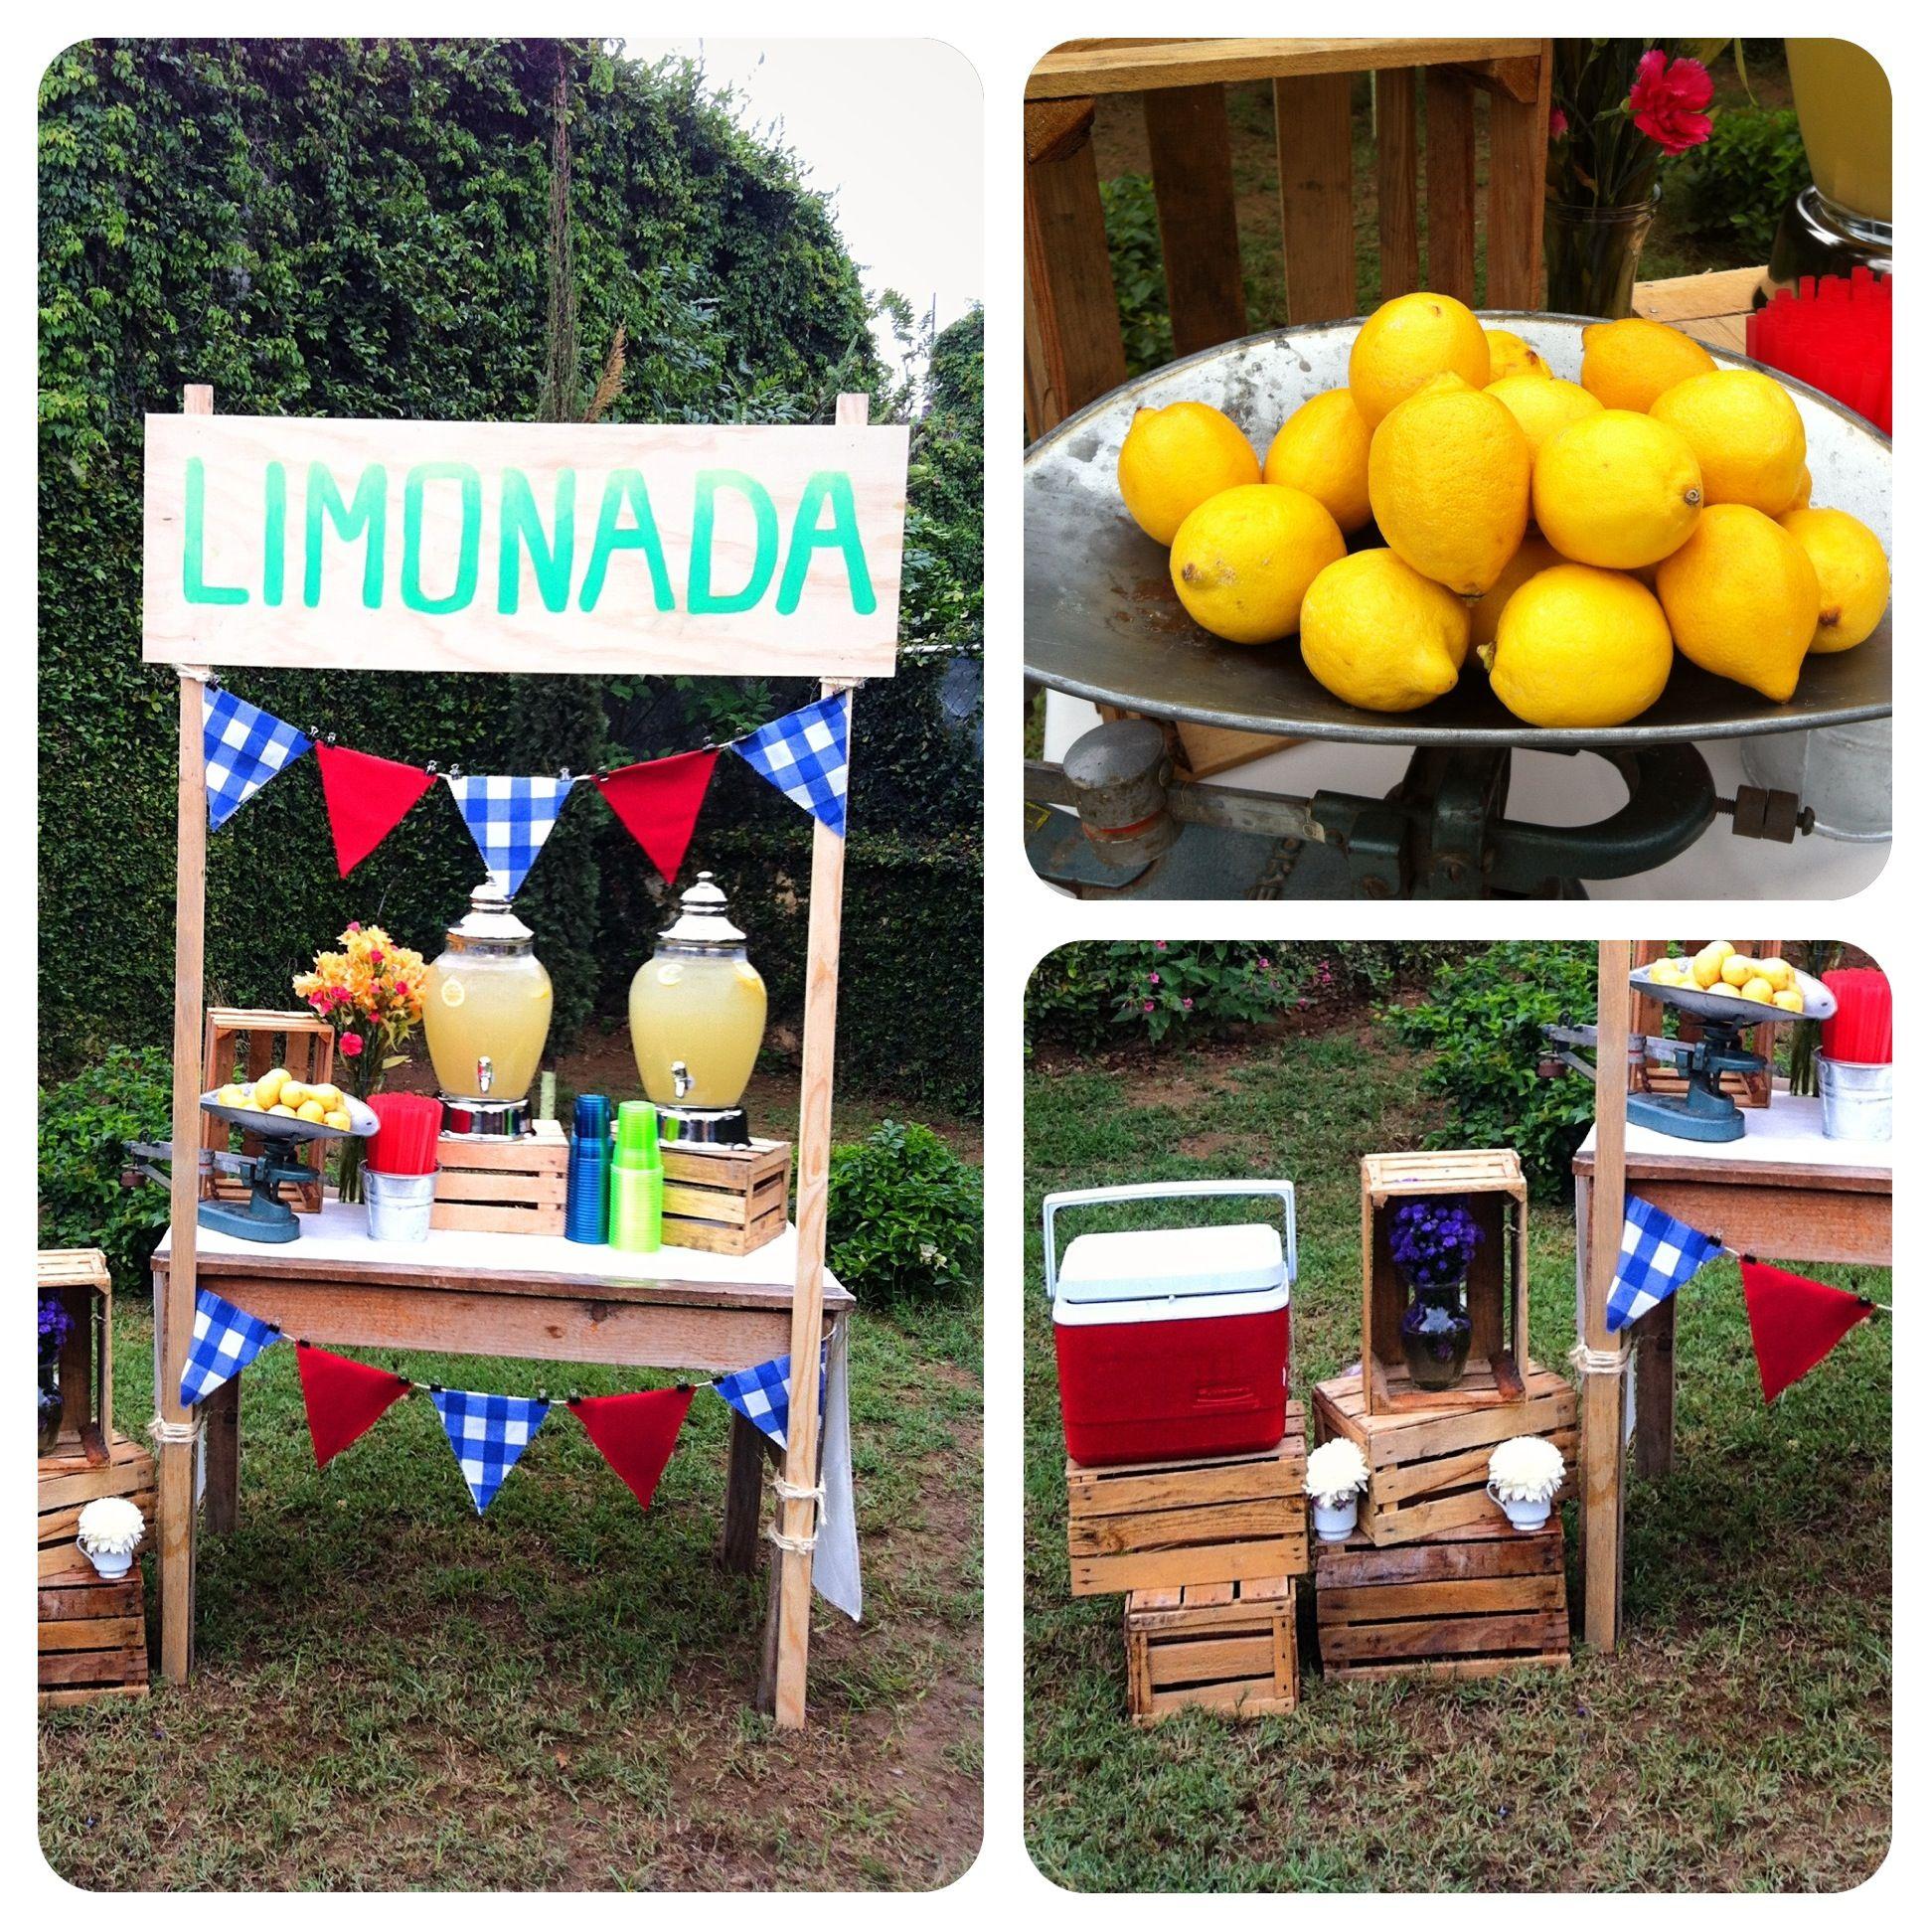 Lemonade Stand / Puesto de Limonada Puesto de limonada